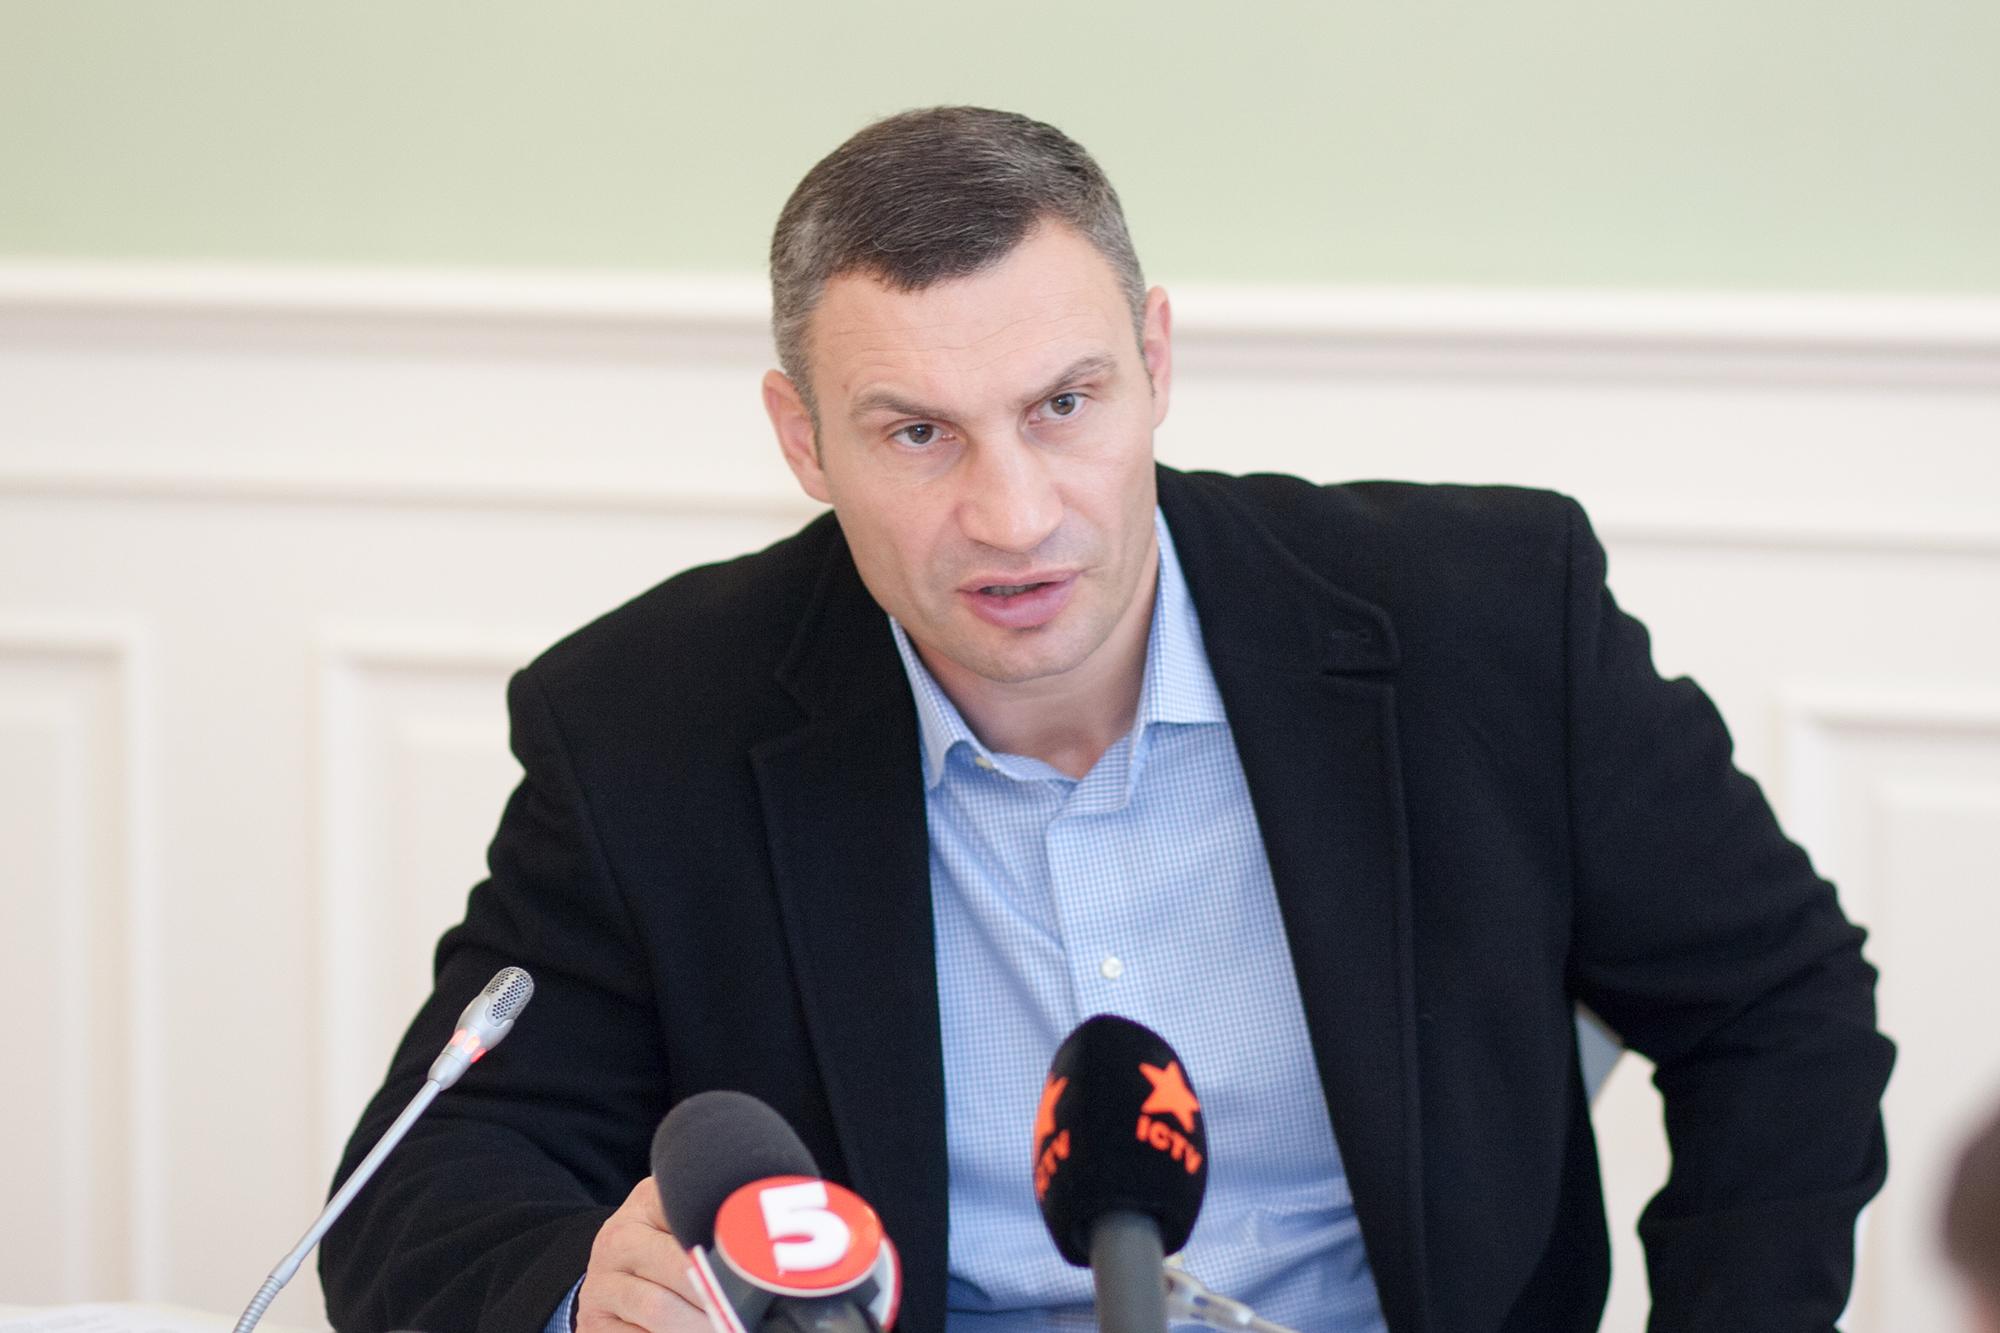 Кличко заставит бизнесменов уважать старые дома в Киеве